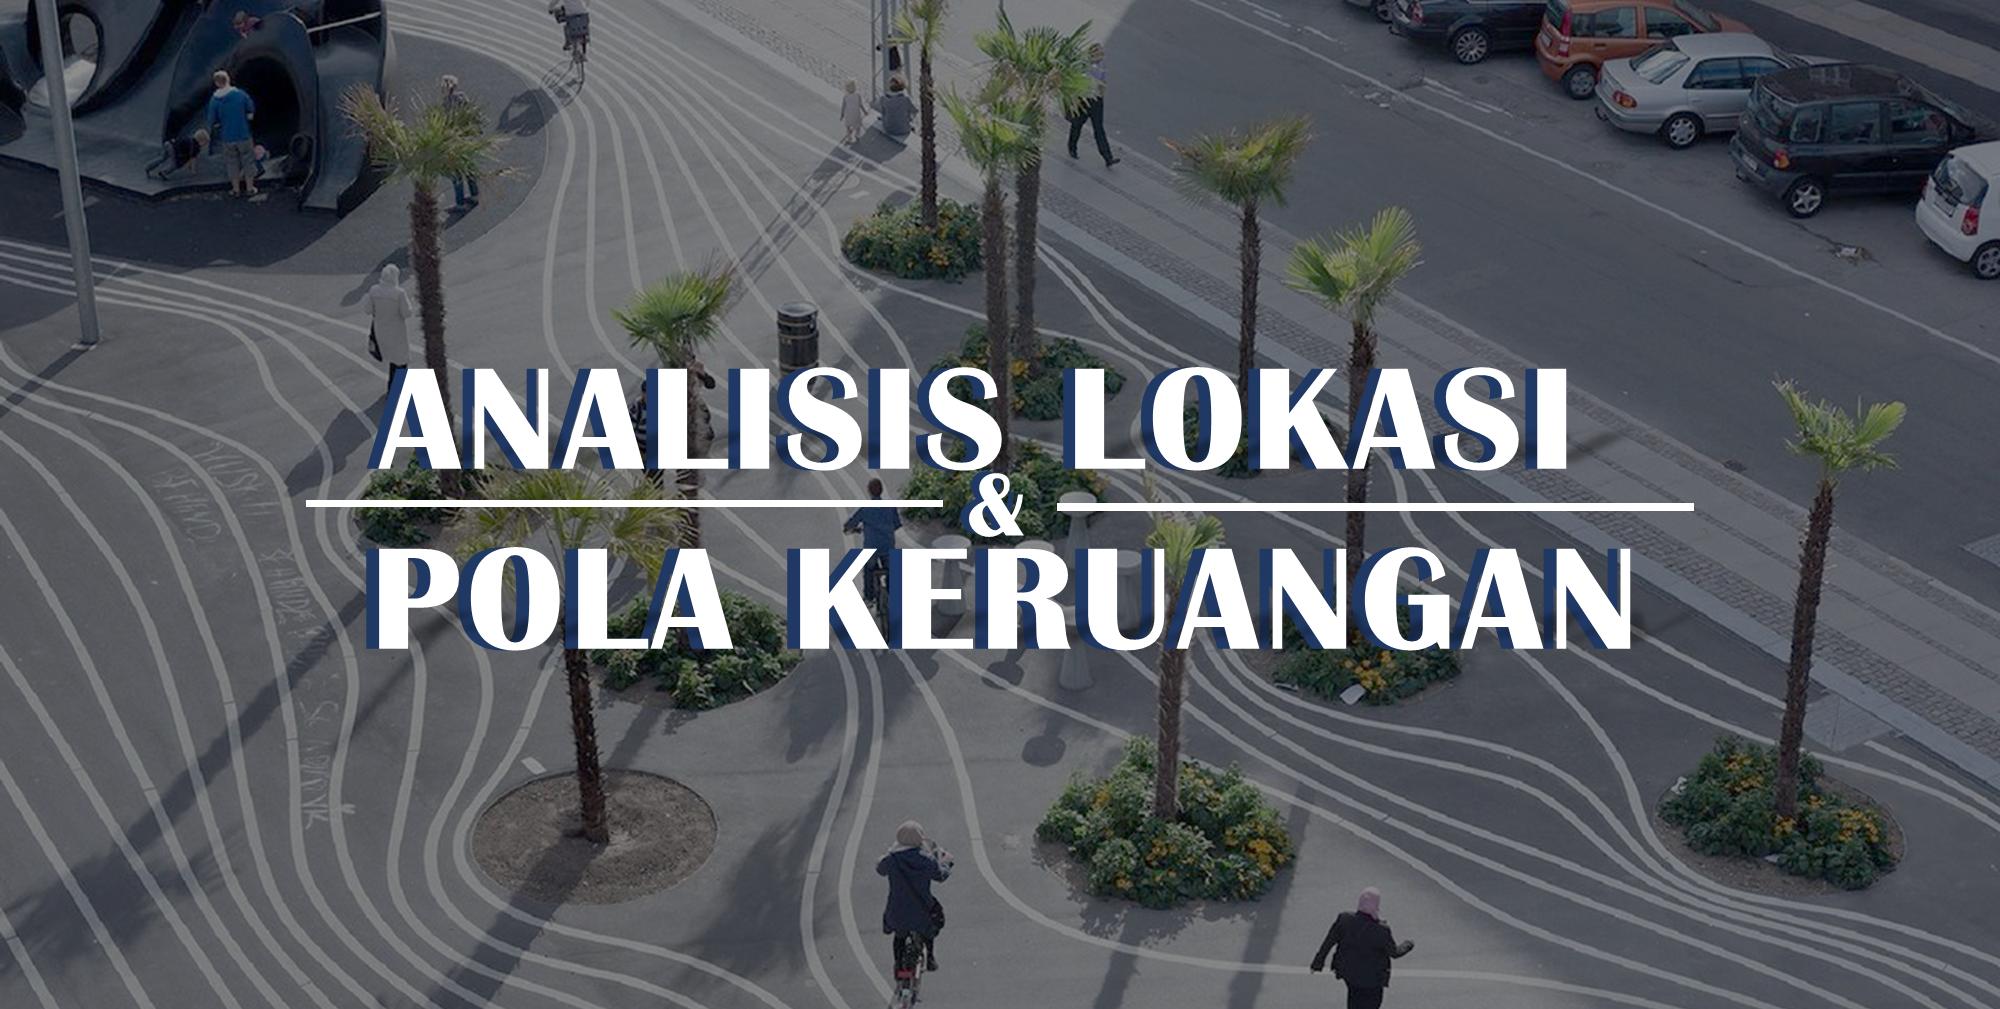 Analisis Lokasi dan Pola Keruangan